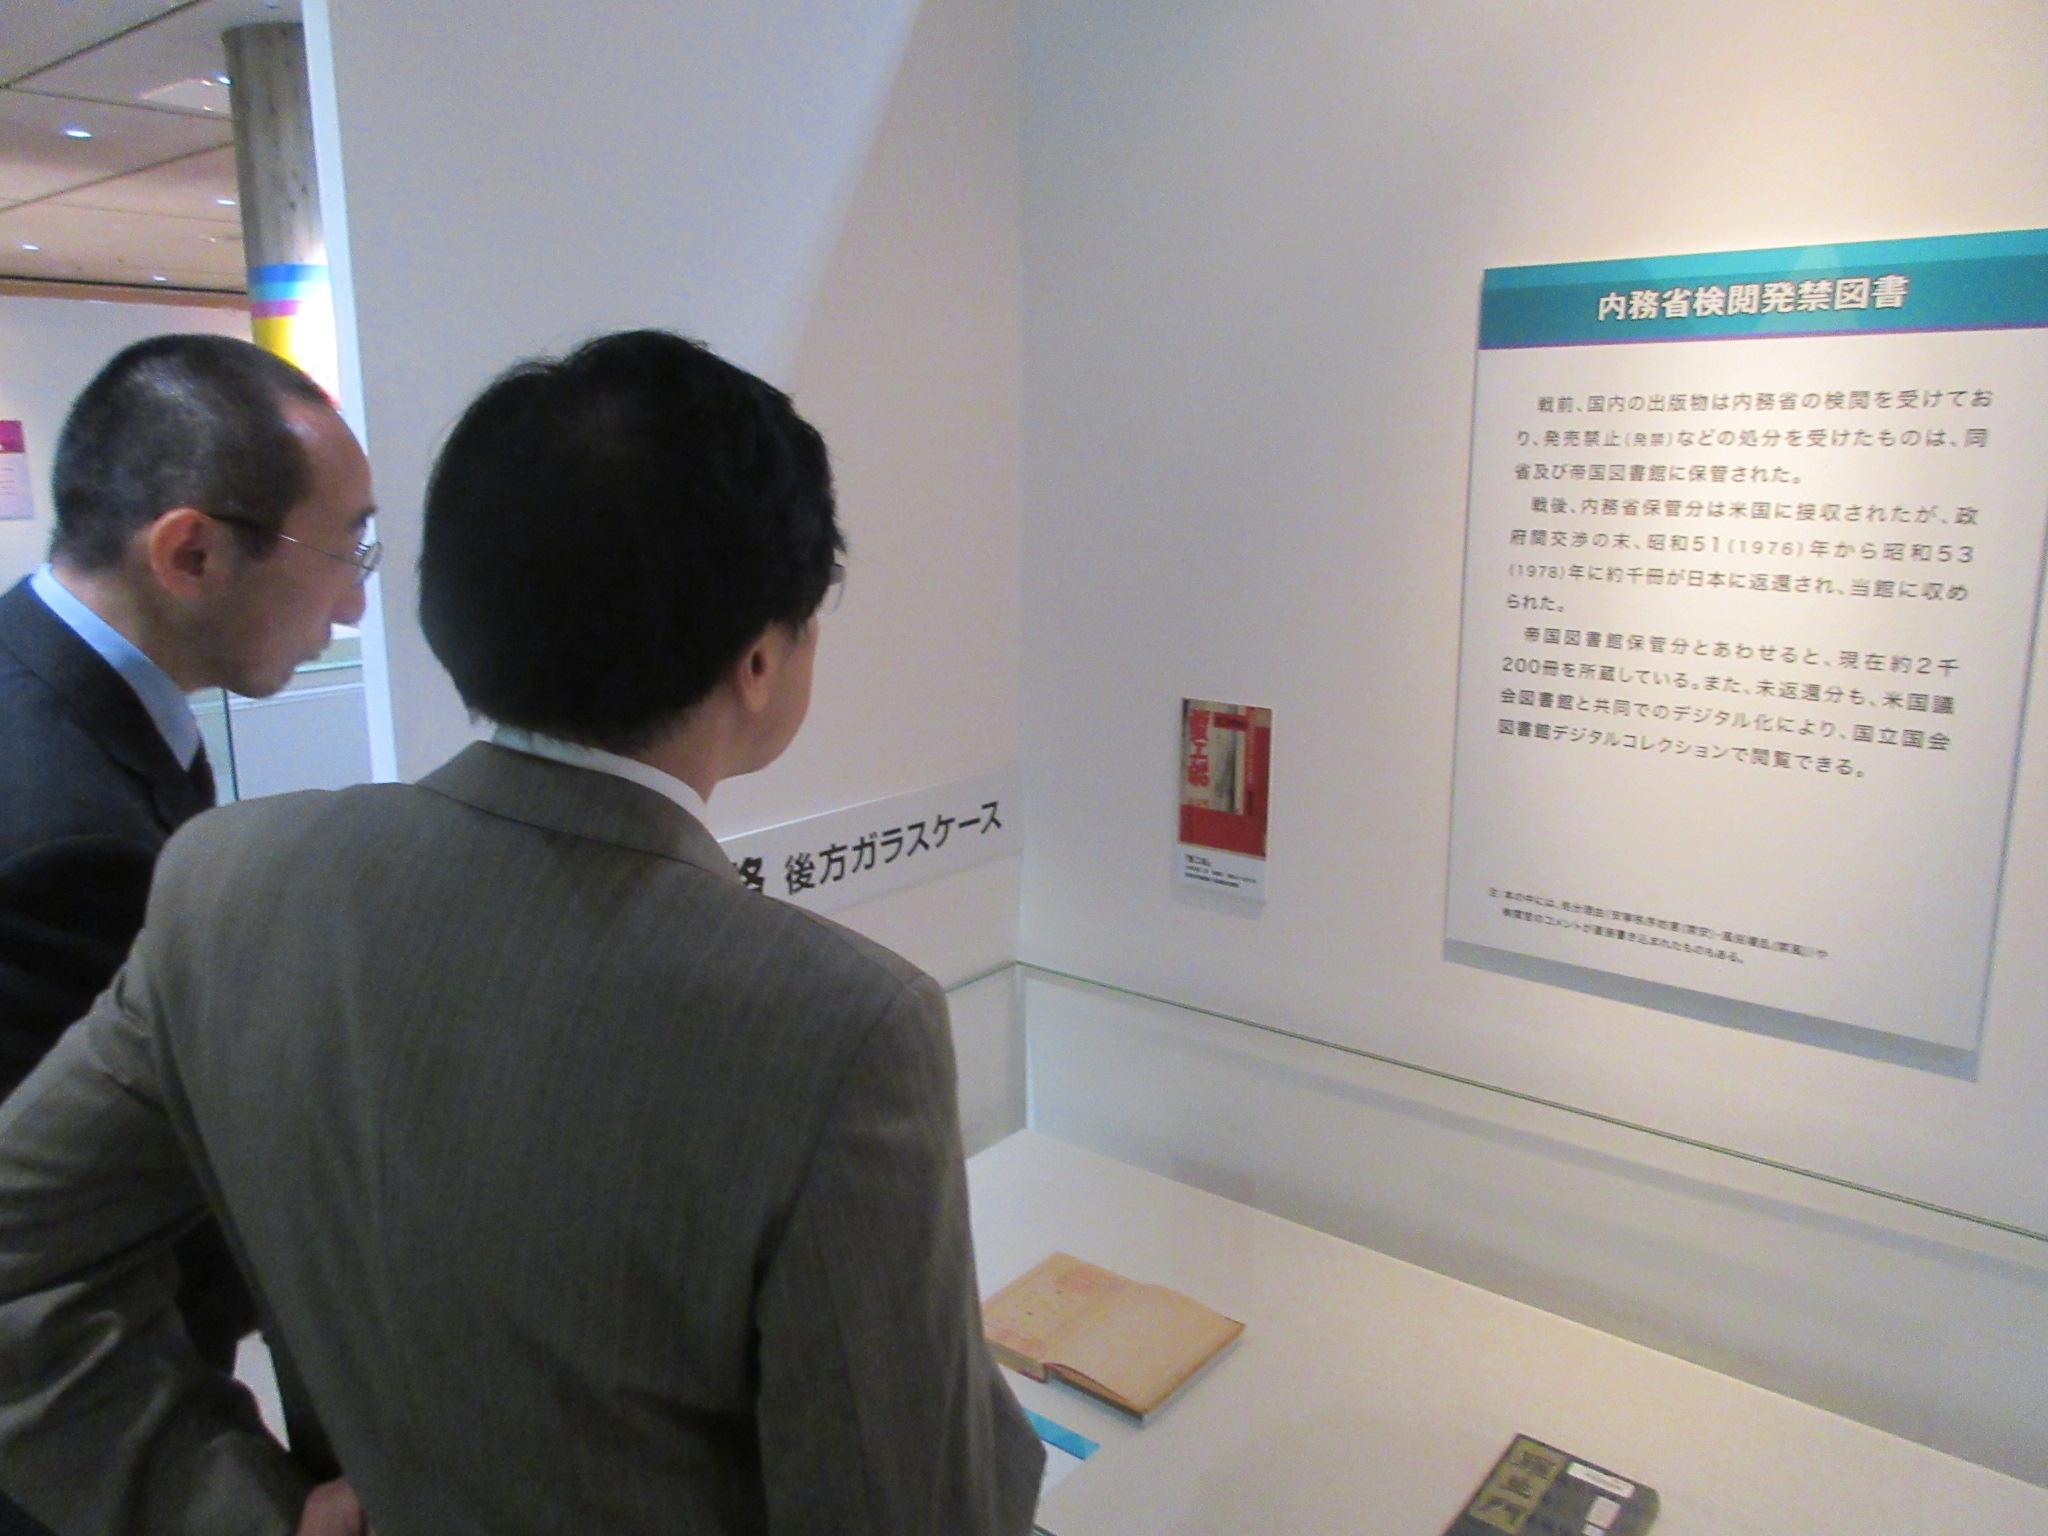 http://www.inoue-satoshi.com/diary/IMG_6667.JPG